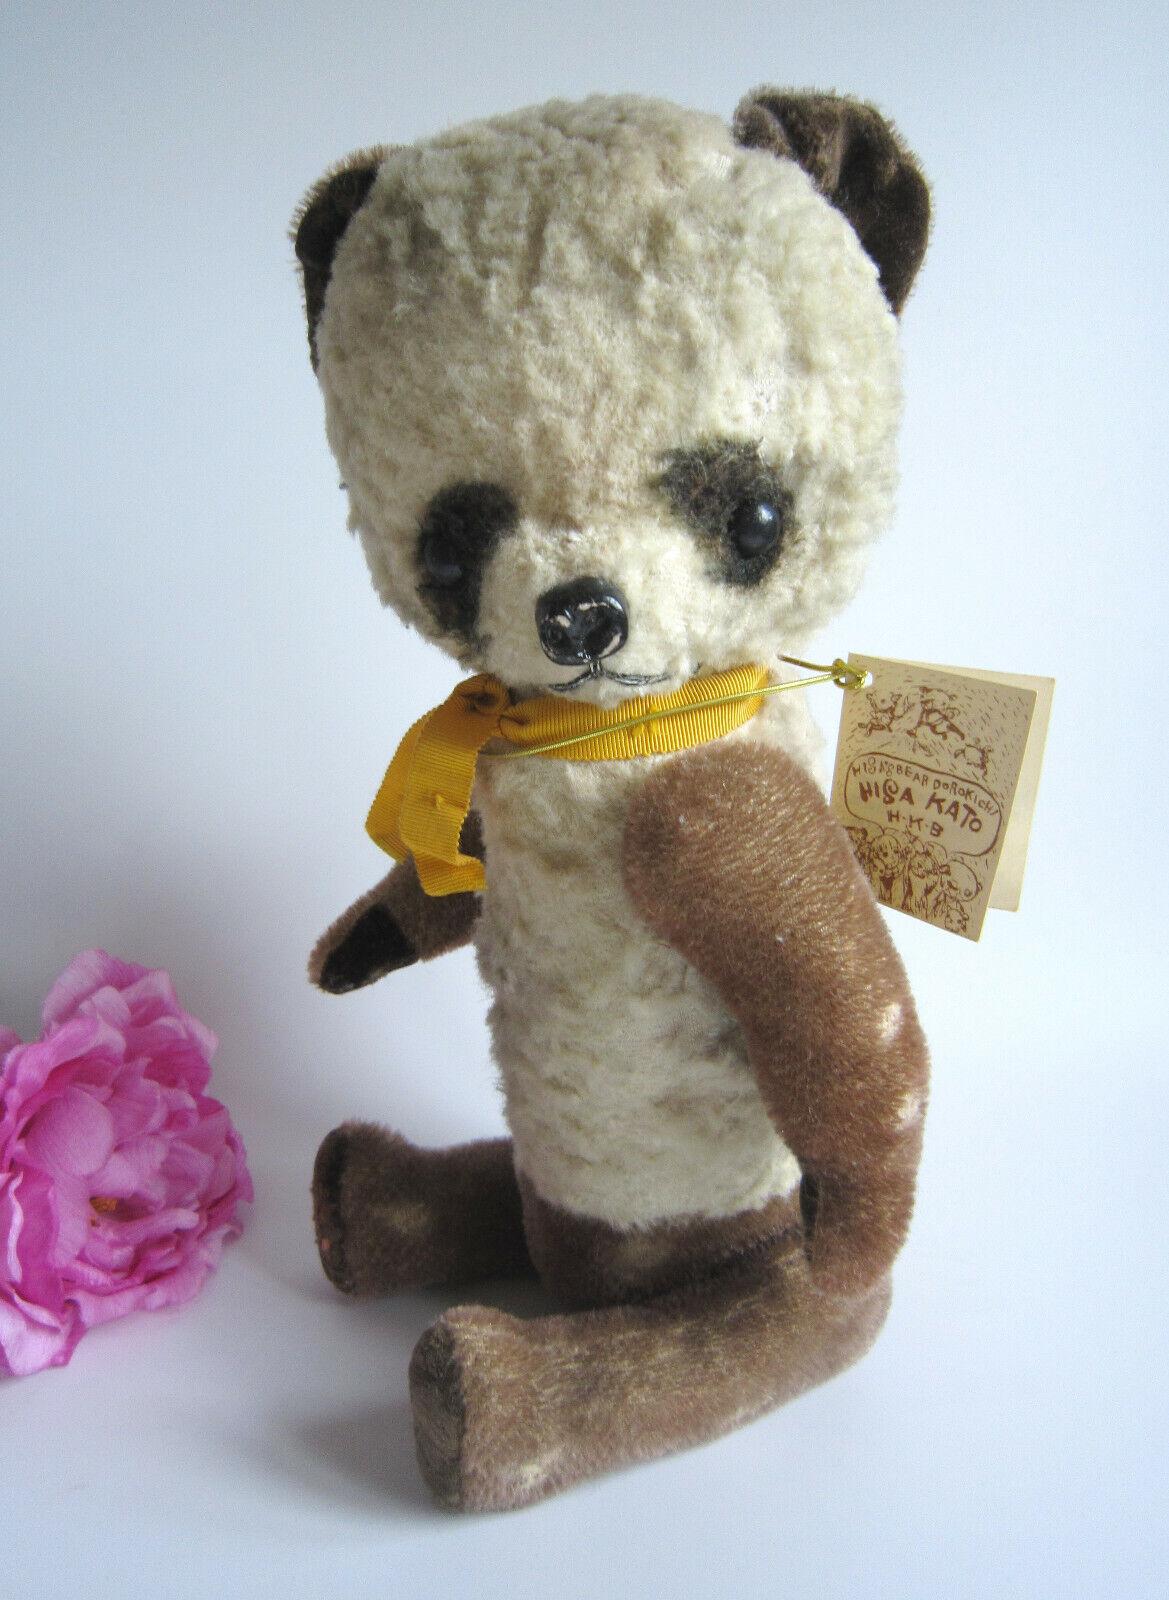 COLLETTORE di lancio Kato Designer Mohair Marronee Orso Panda. Ltd. ed. FAVOLOSO.